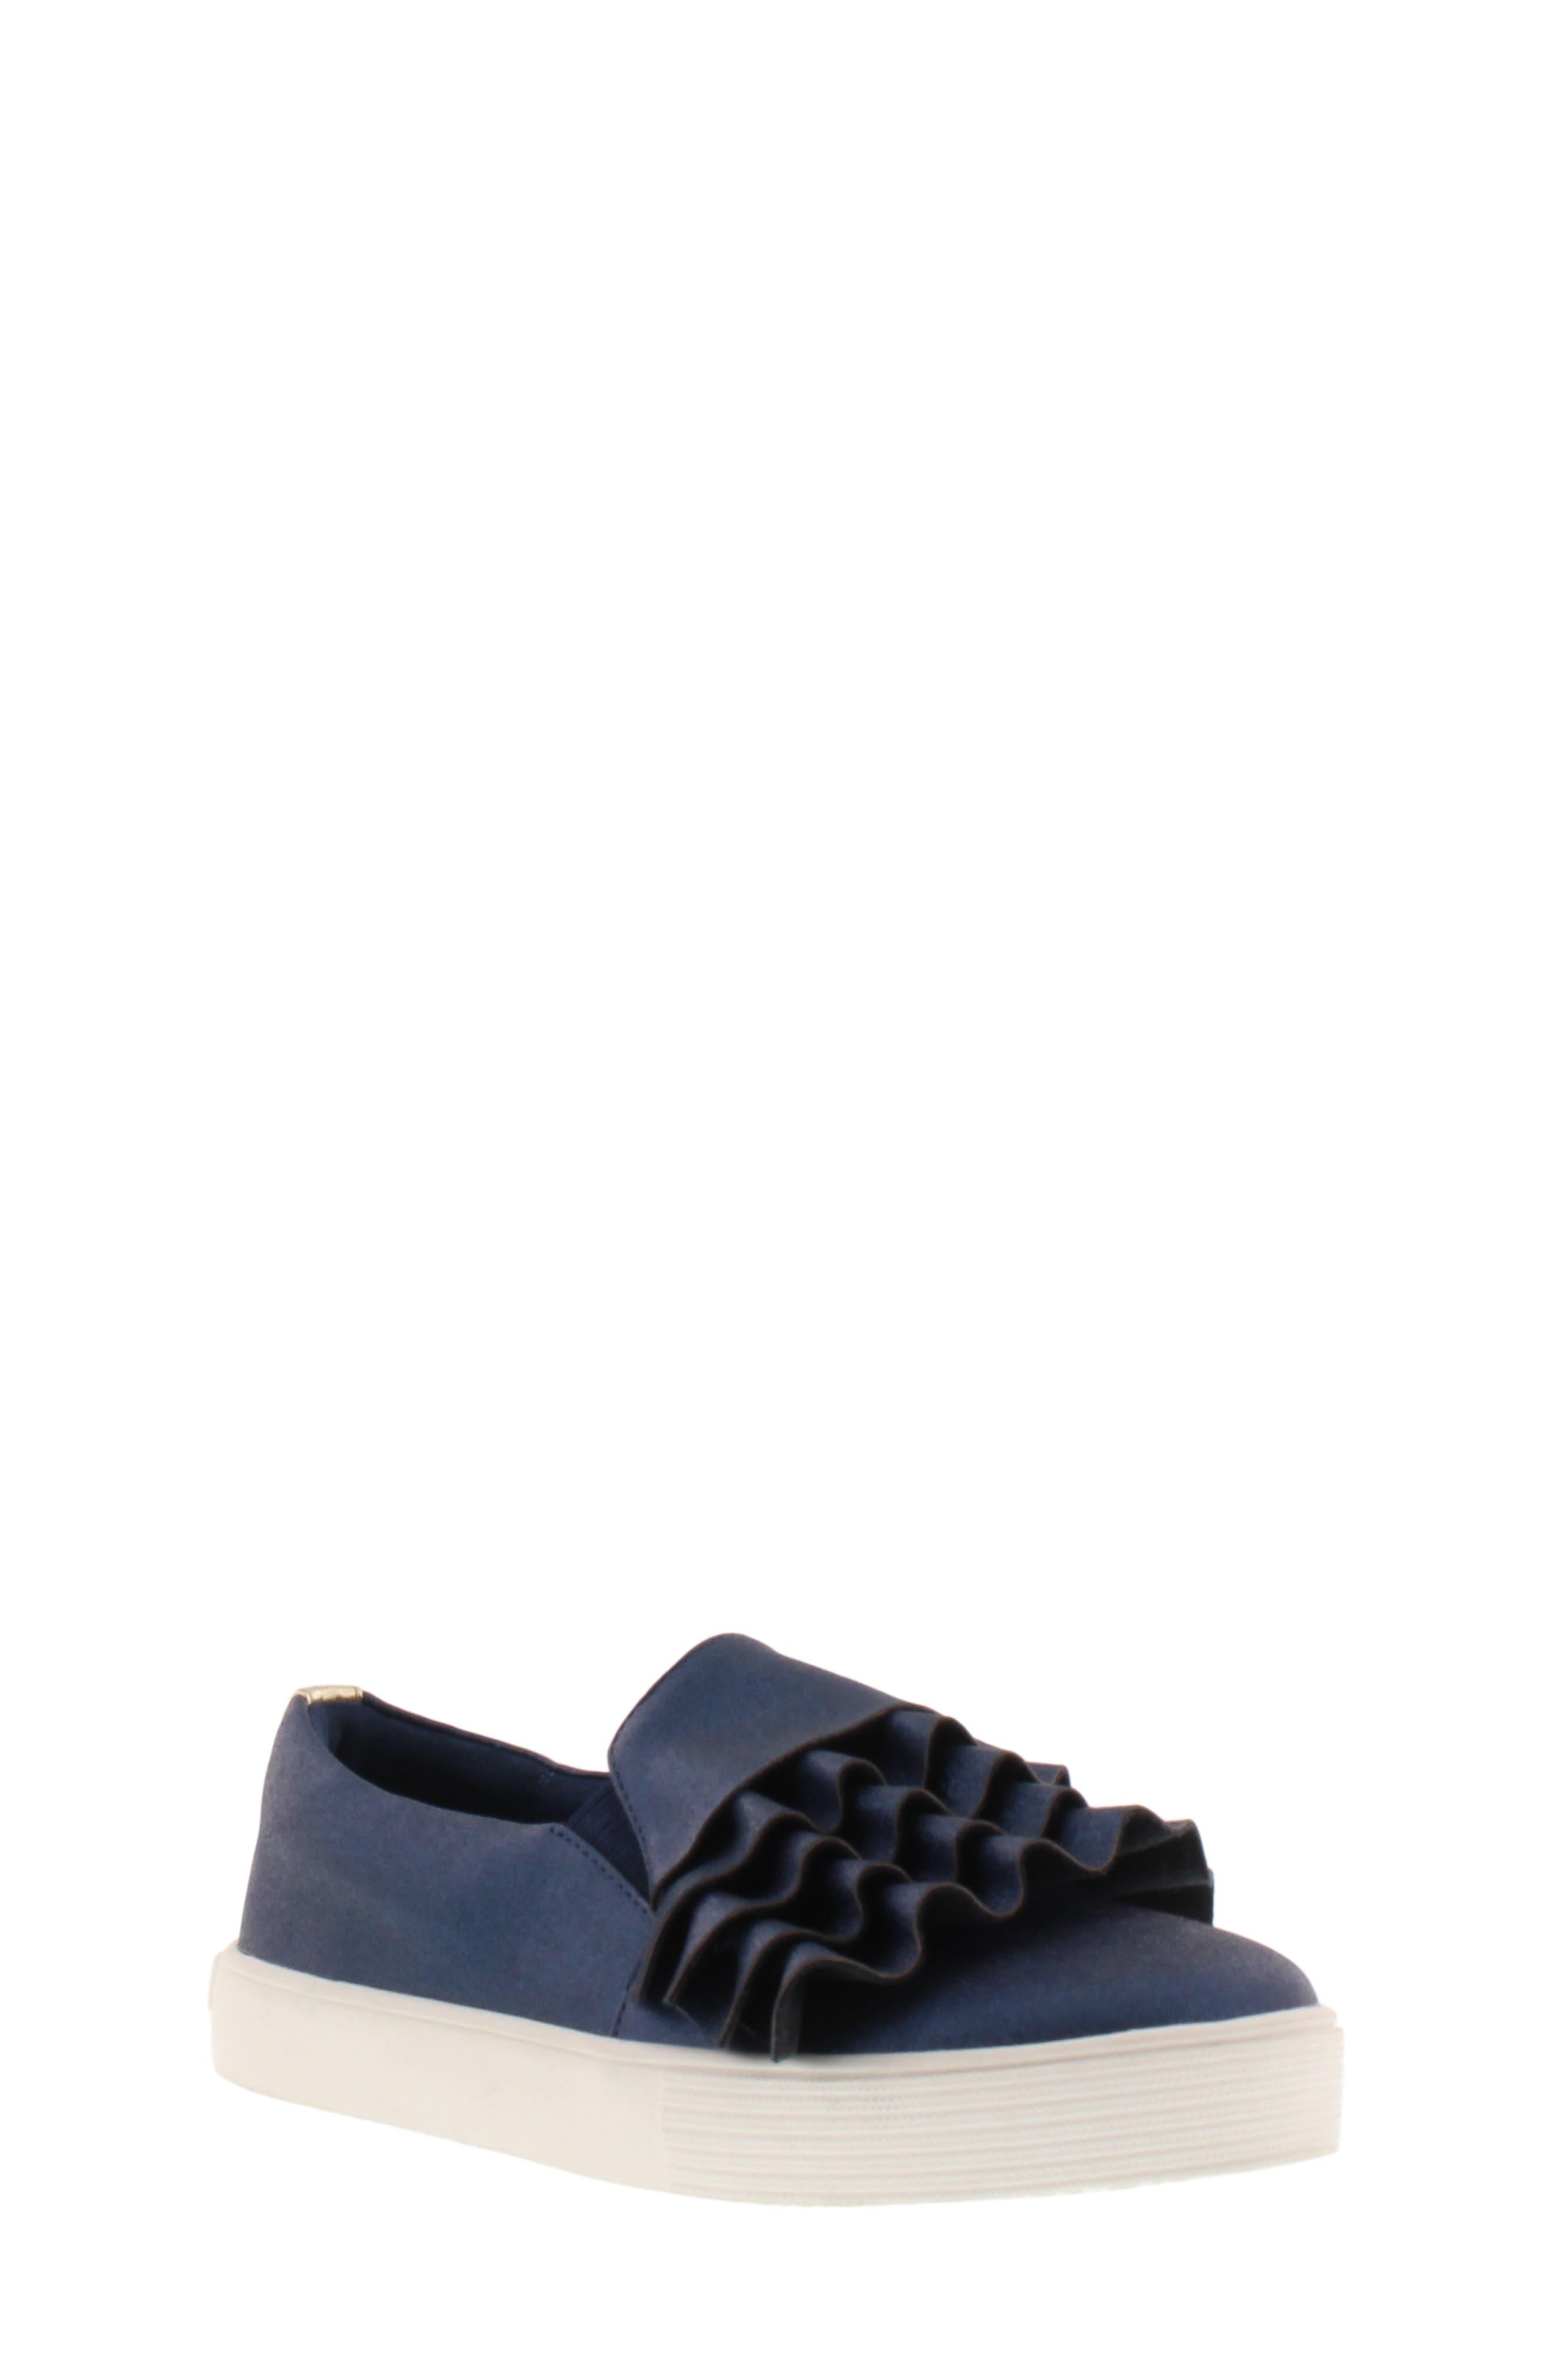 Shimmery Kam Ruffle Slip-On Sneaker,                         Main,                         color, NAVY